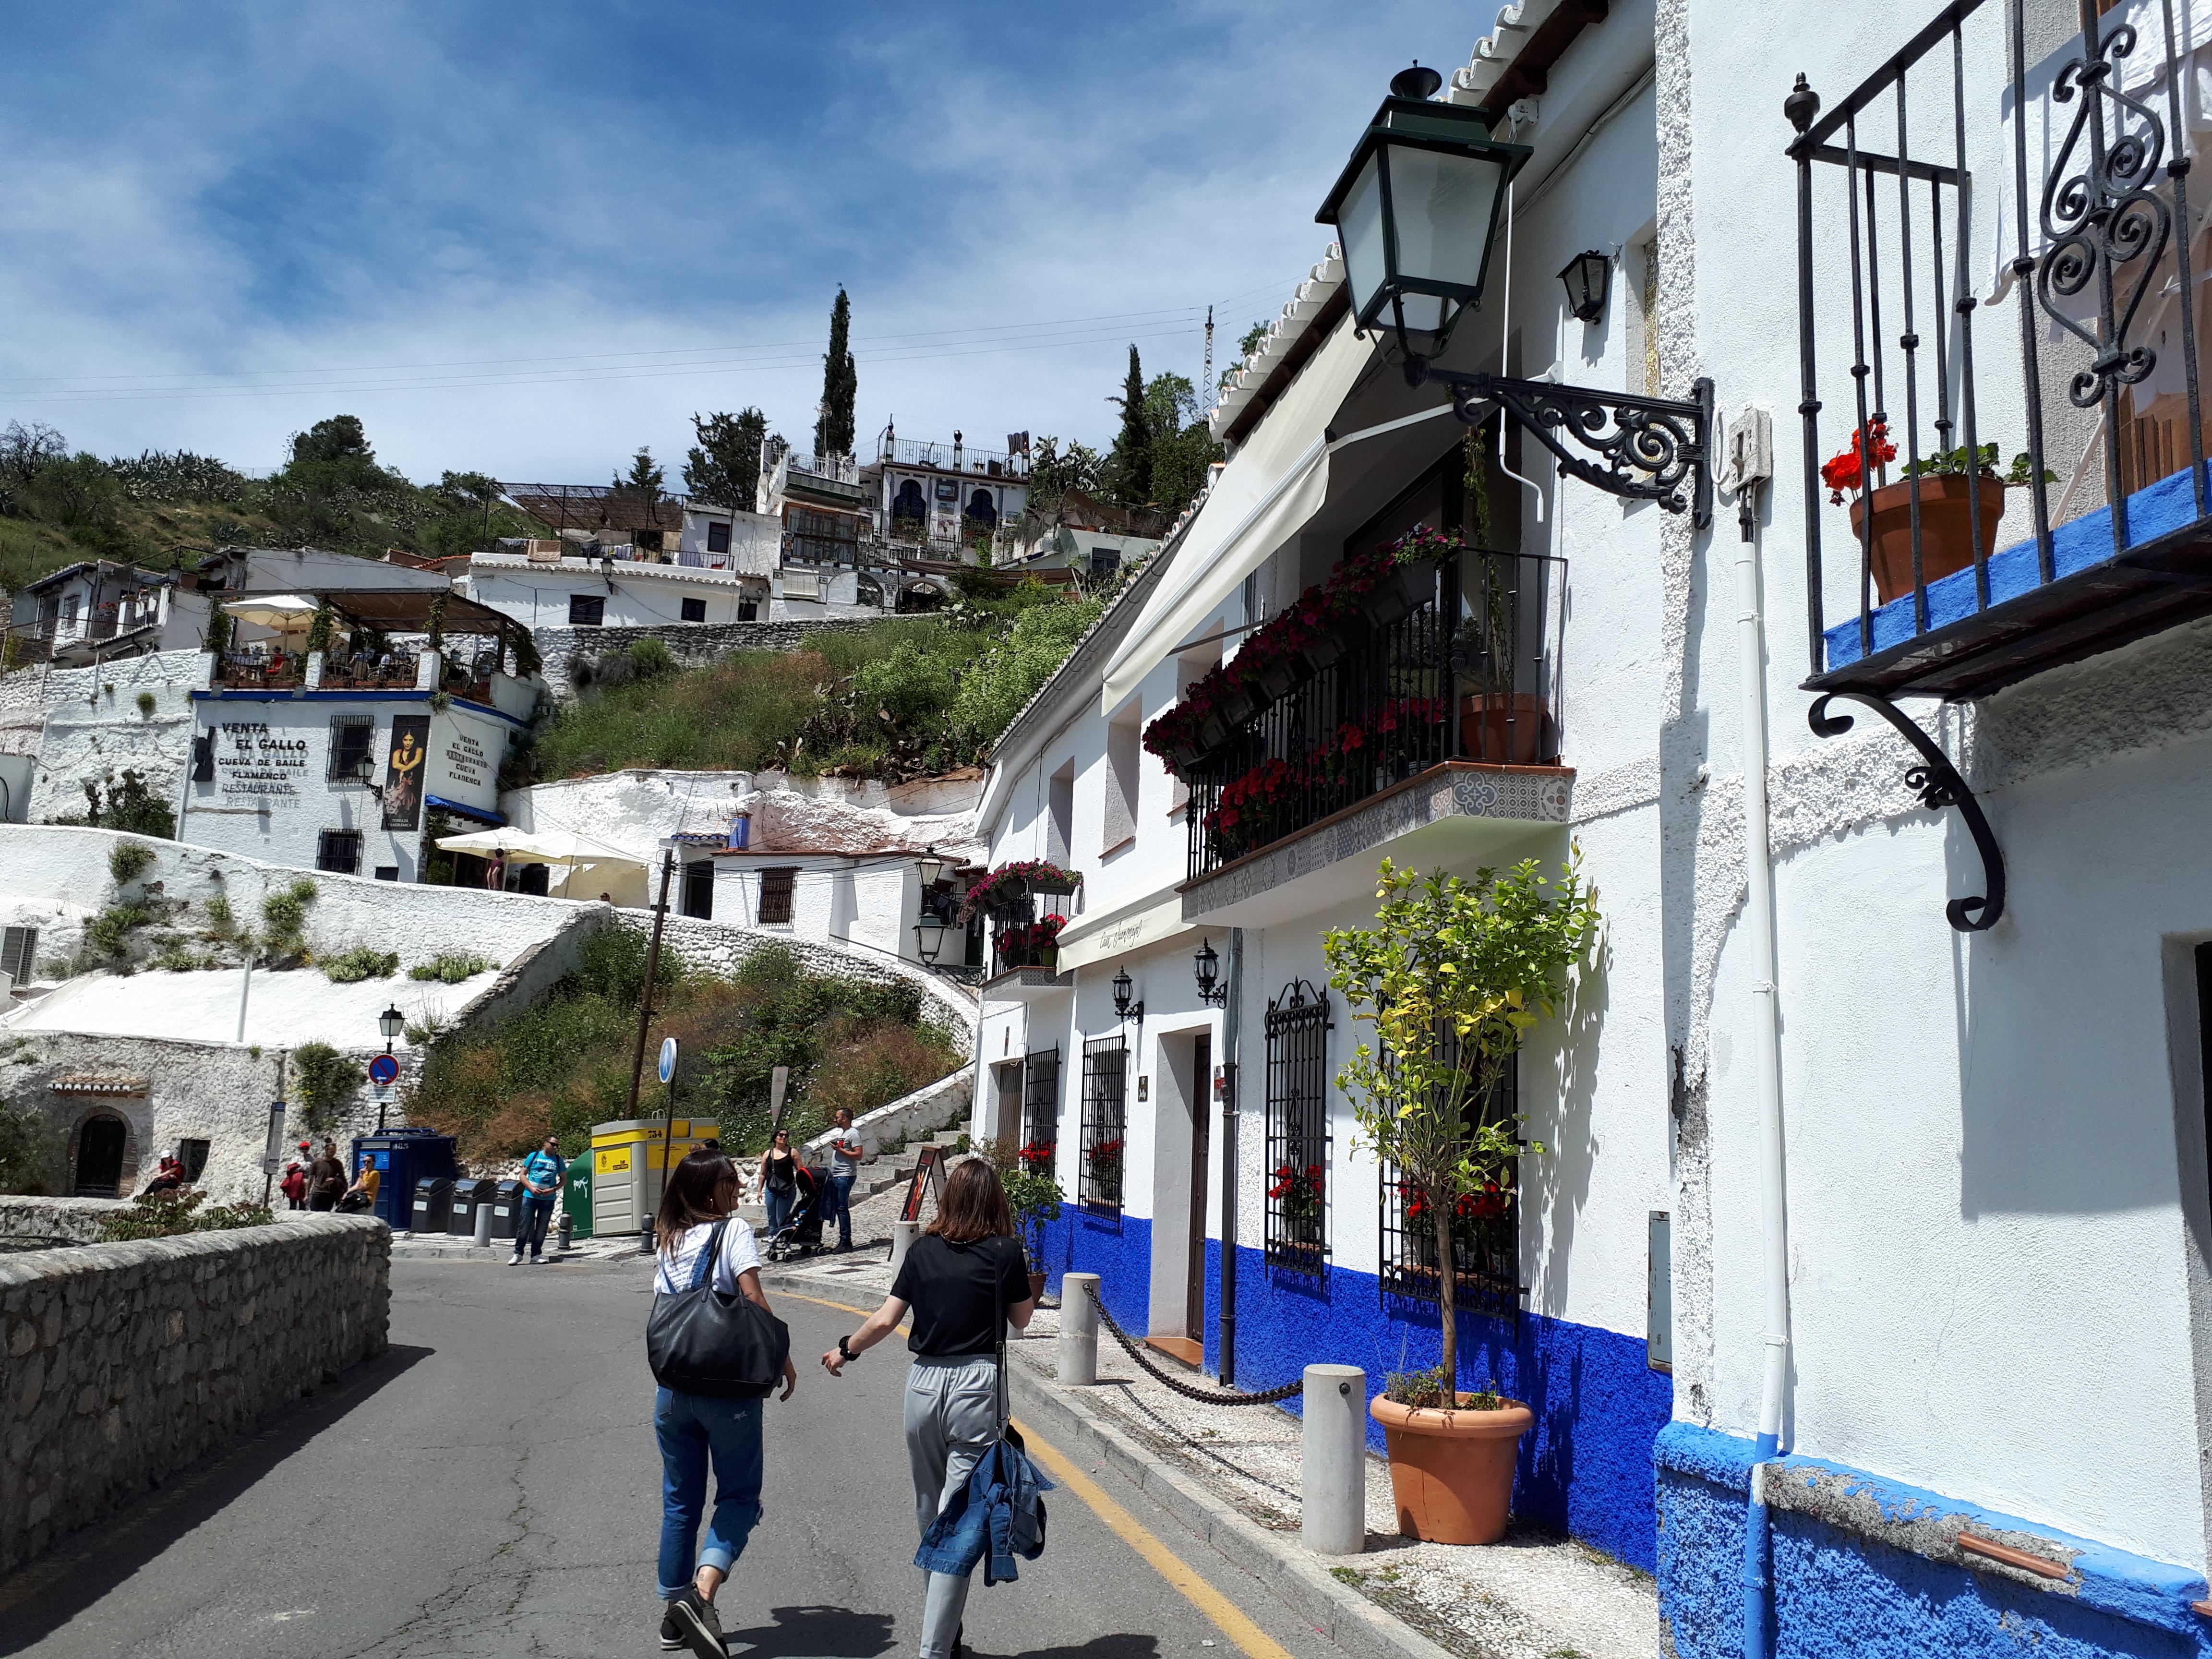 Barrio de Sacromonte, con sus casas tradicionales blancas y sus cuevas.